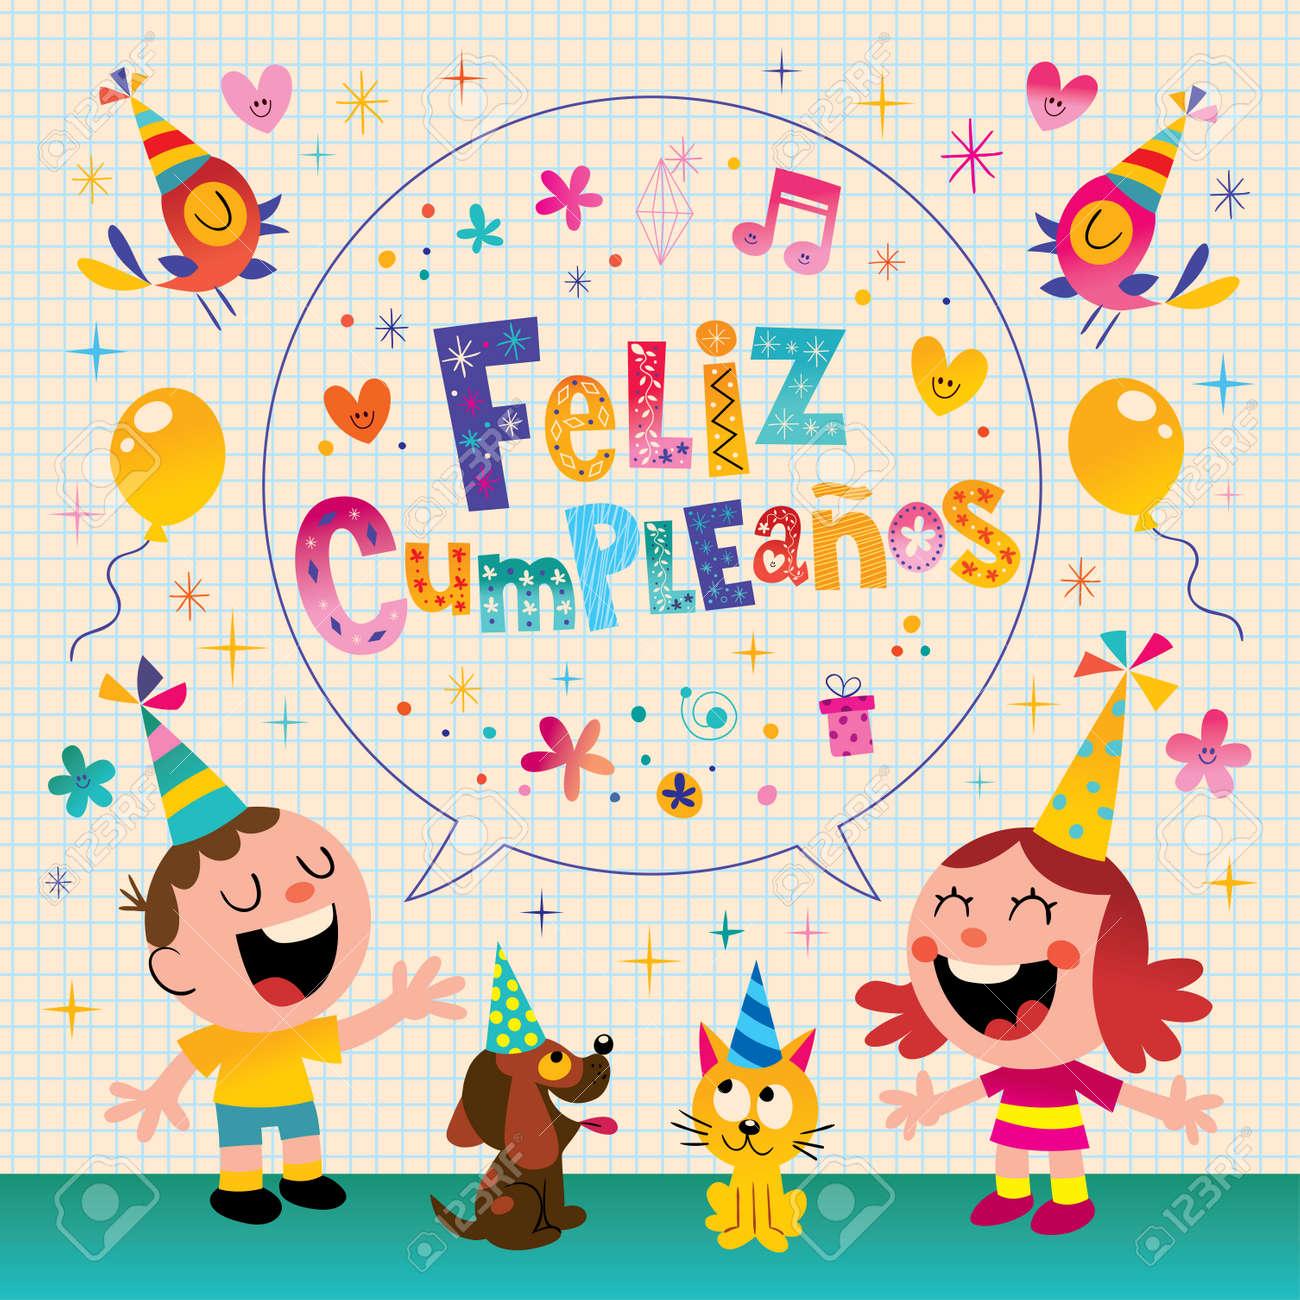 Feliz Cumpleanos Feliz Cumpleanos En Espanol Tarjeta De